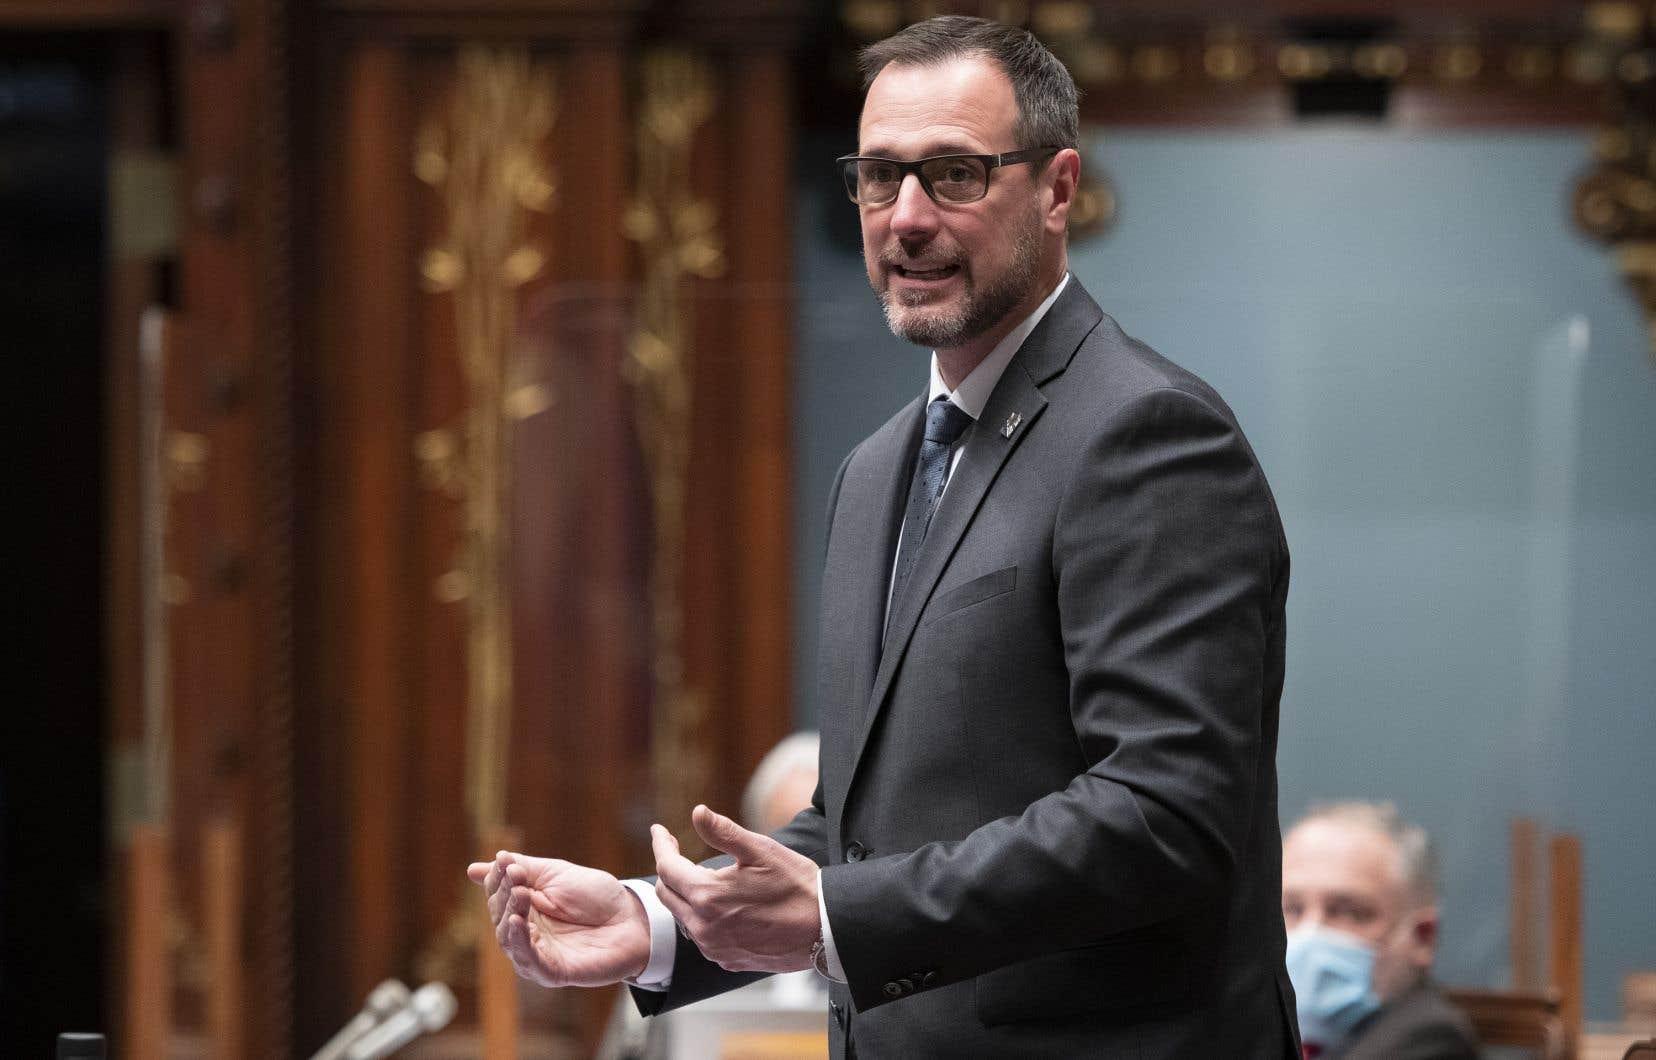 À peine 44% des écoles du Québec se trouvent dans un état jugé satisfaisant, comparé à 46% l'an dernier, ce que le ministre Jean-François Roberge juge «gênant».